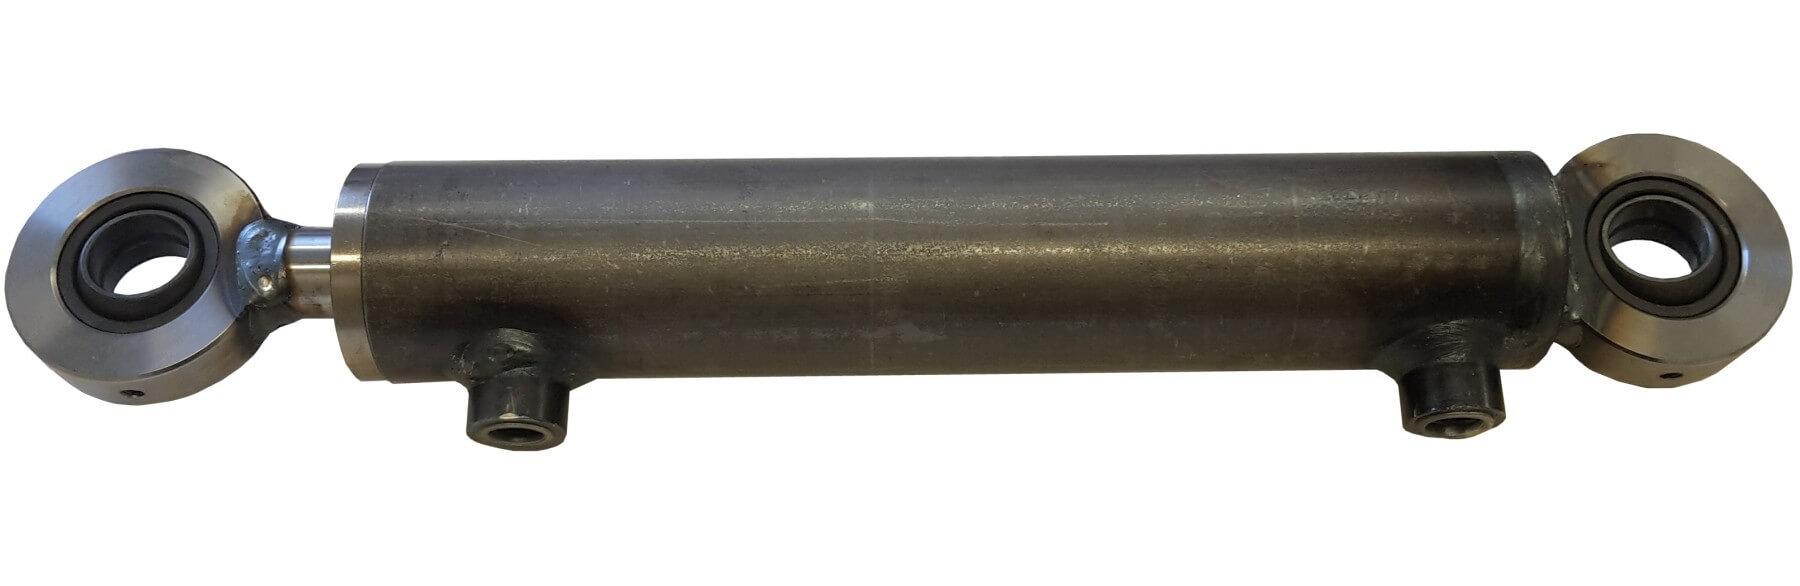 Hydraulisylinteri CL 60. 30. 600 GE - Kailatec Oy Verkkokauppa